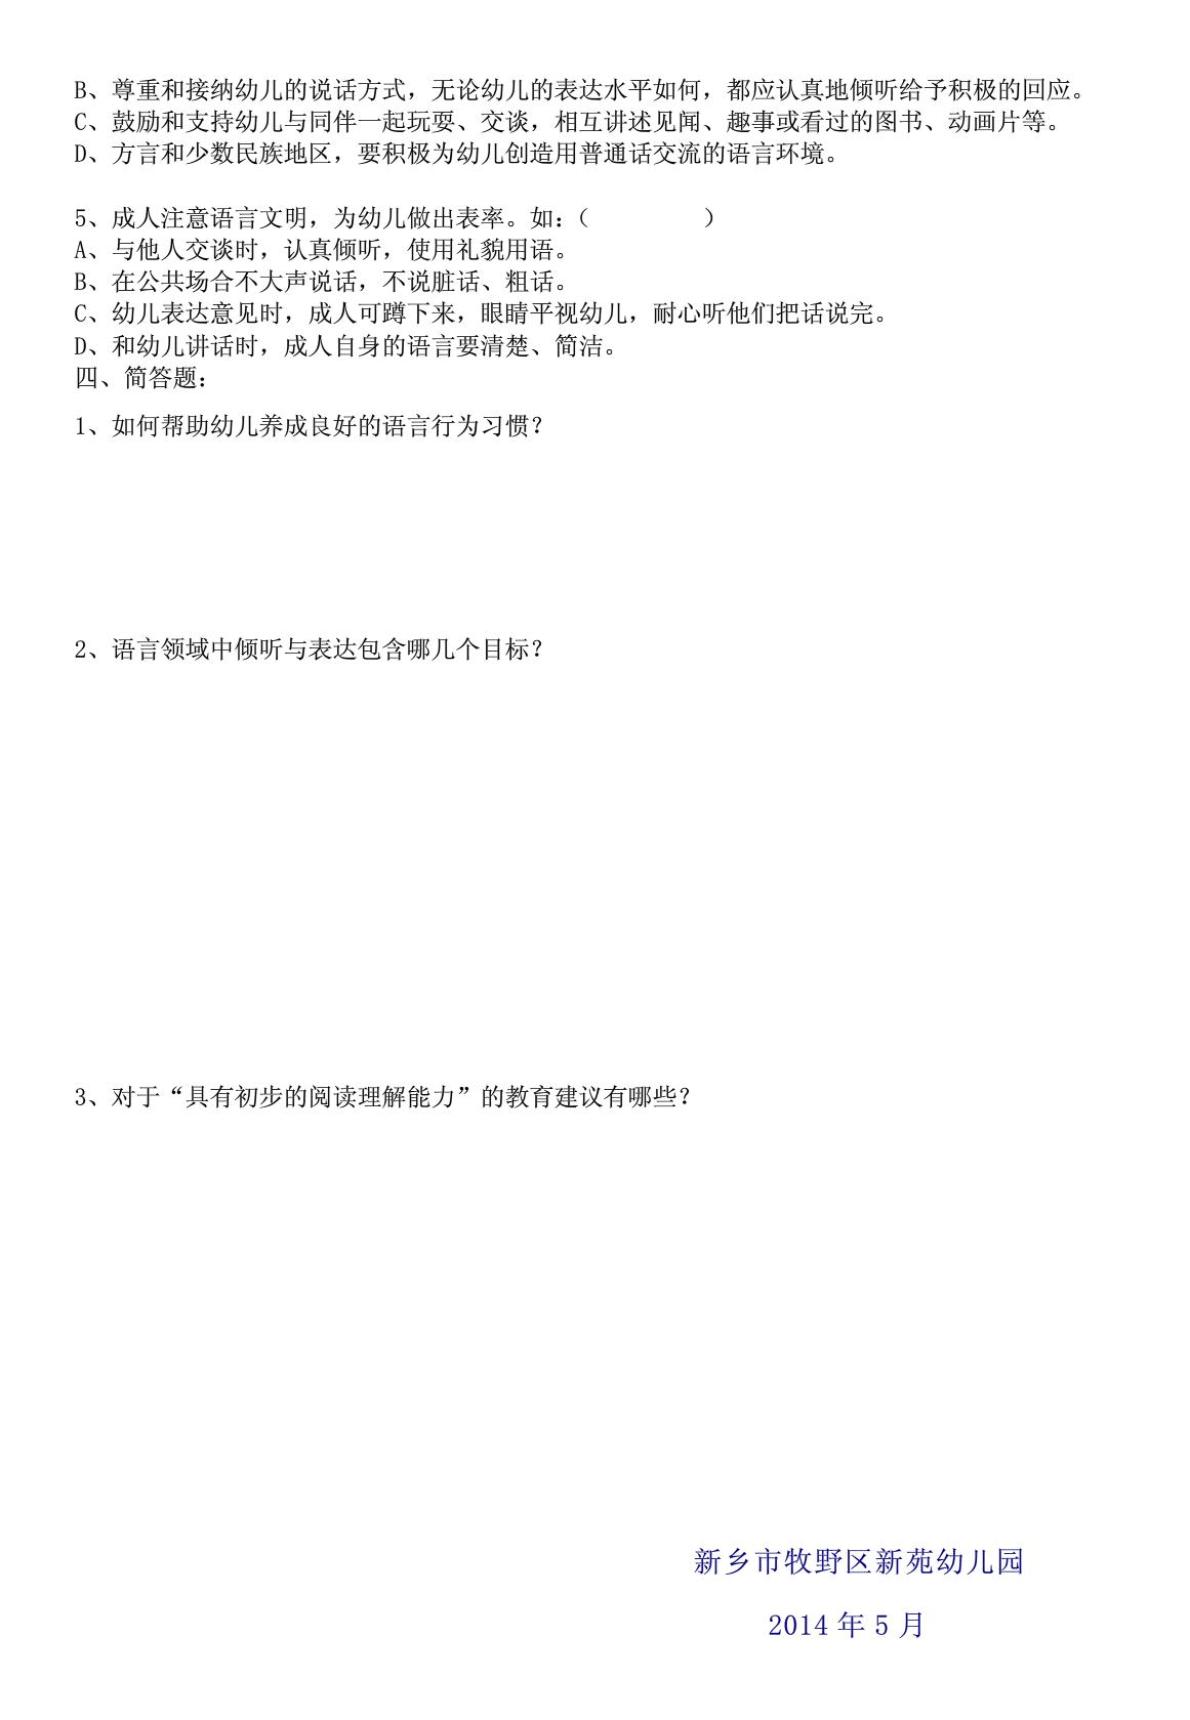 幼儿园教育指南试题_《3-6岁儿童学习与发展指南》语言领域___测试题(有答案)_文档下载